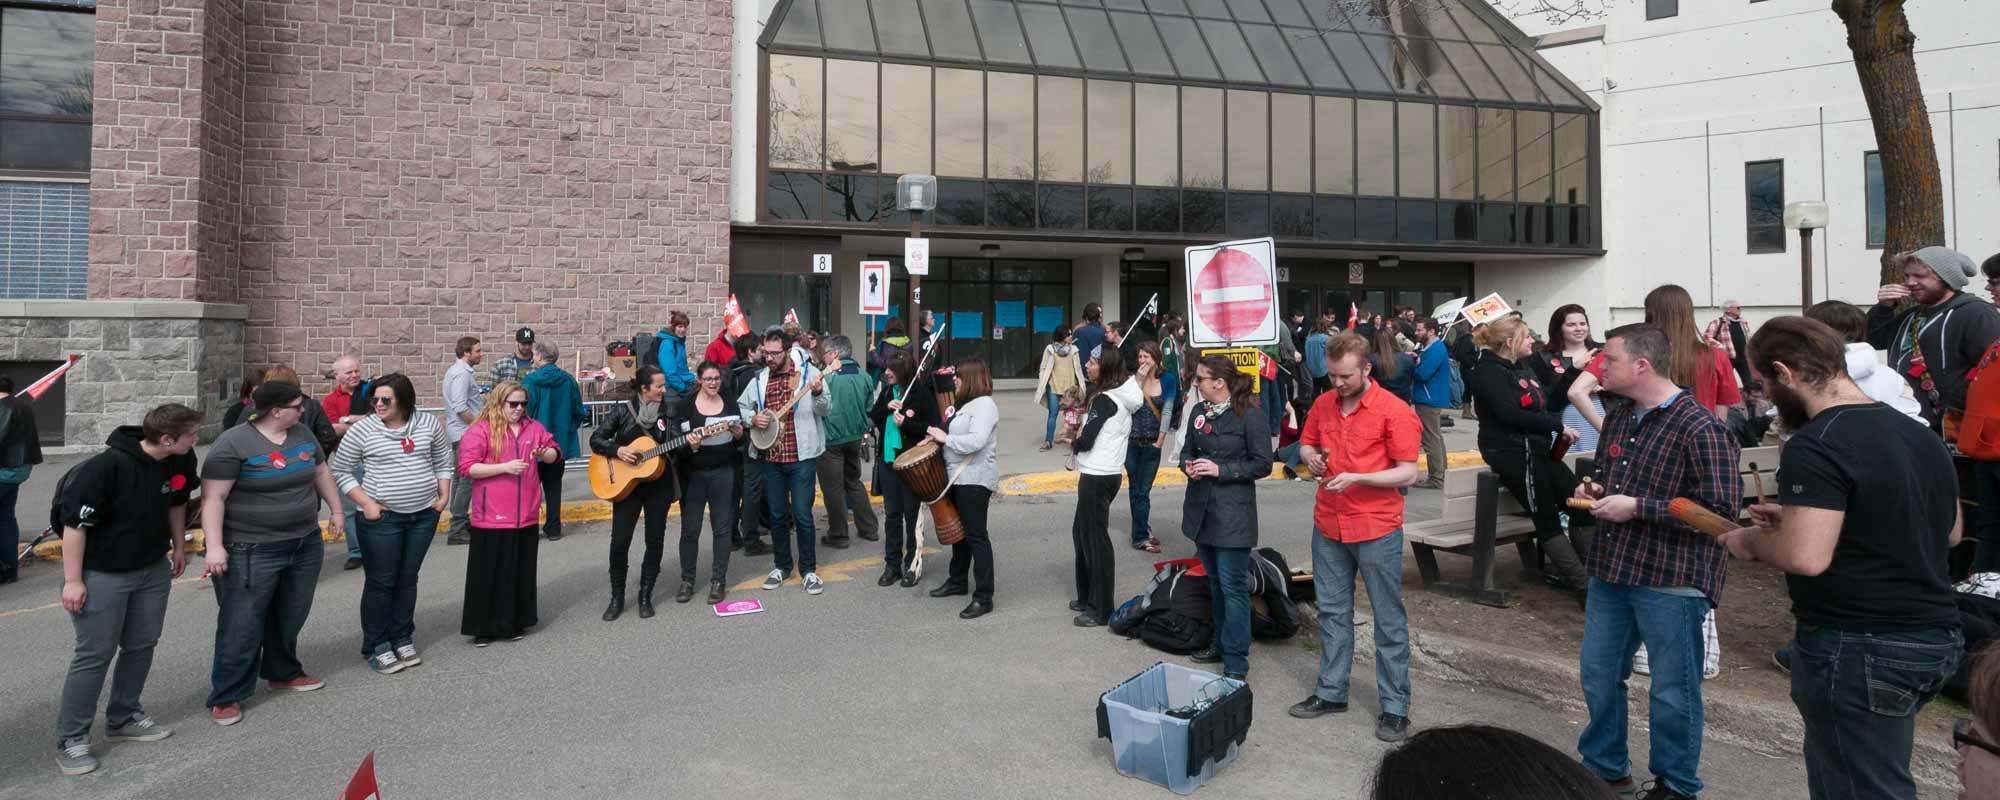 On chantait Here Comes the Sun, le 1er mai, après que les enseignants, appuyés par des étudiants, eurent décidé qu'ils ne donneraient pas de cours.